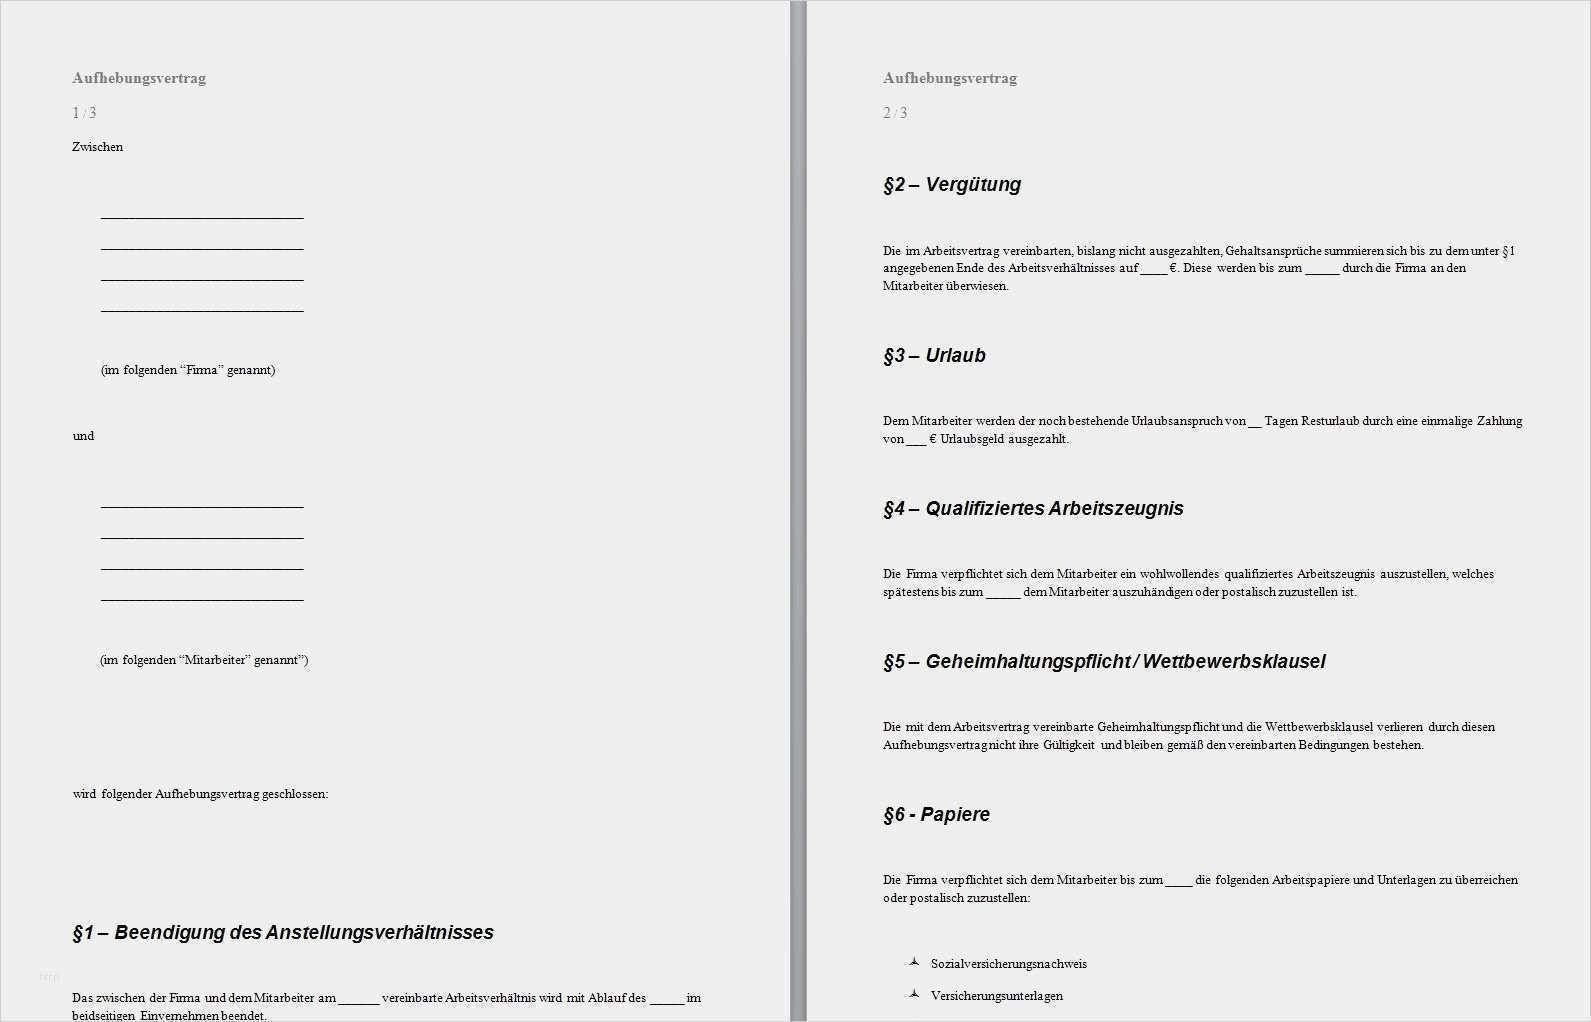 35 Einzigartig Aufhebungsvertrag Ohne Abfindung Vorlage Vorrate In 2020 Vorlagen Lebenslauf Lebenslauf Lebenslauf Vorlagen Word